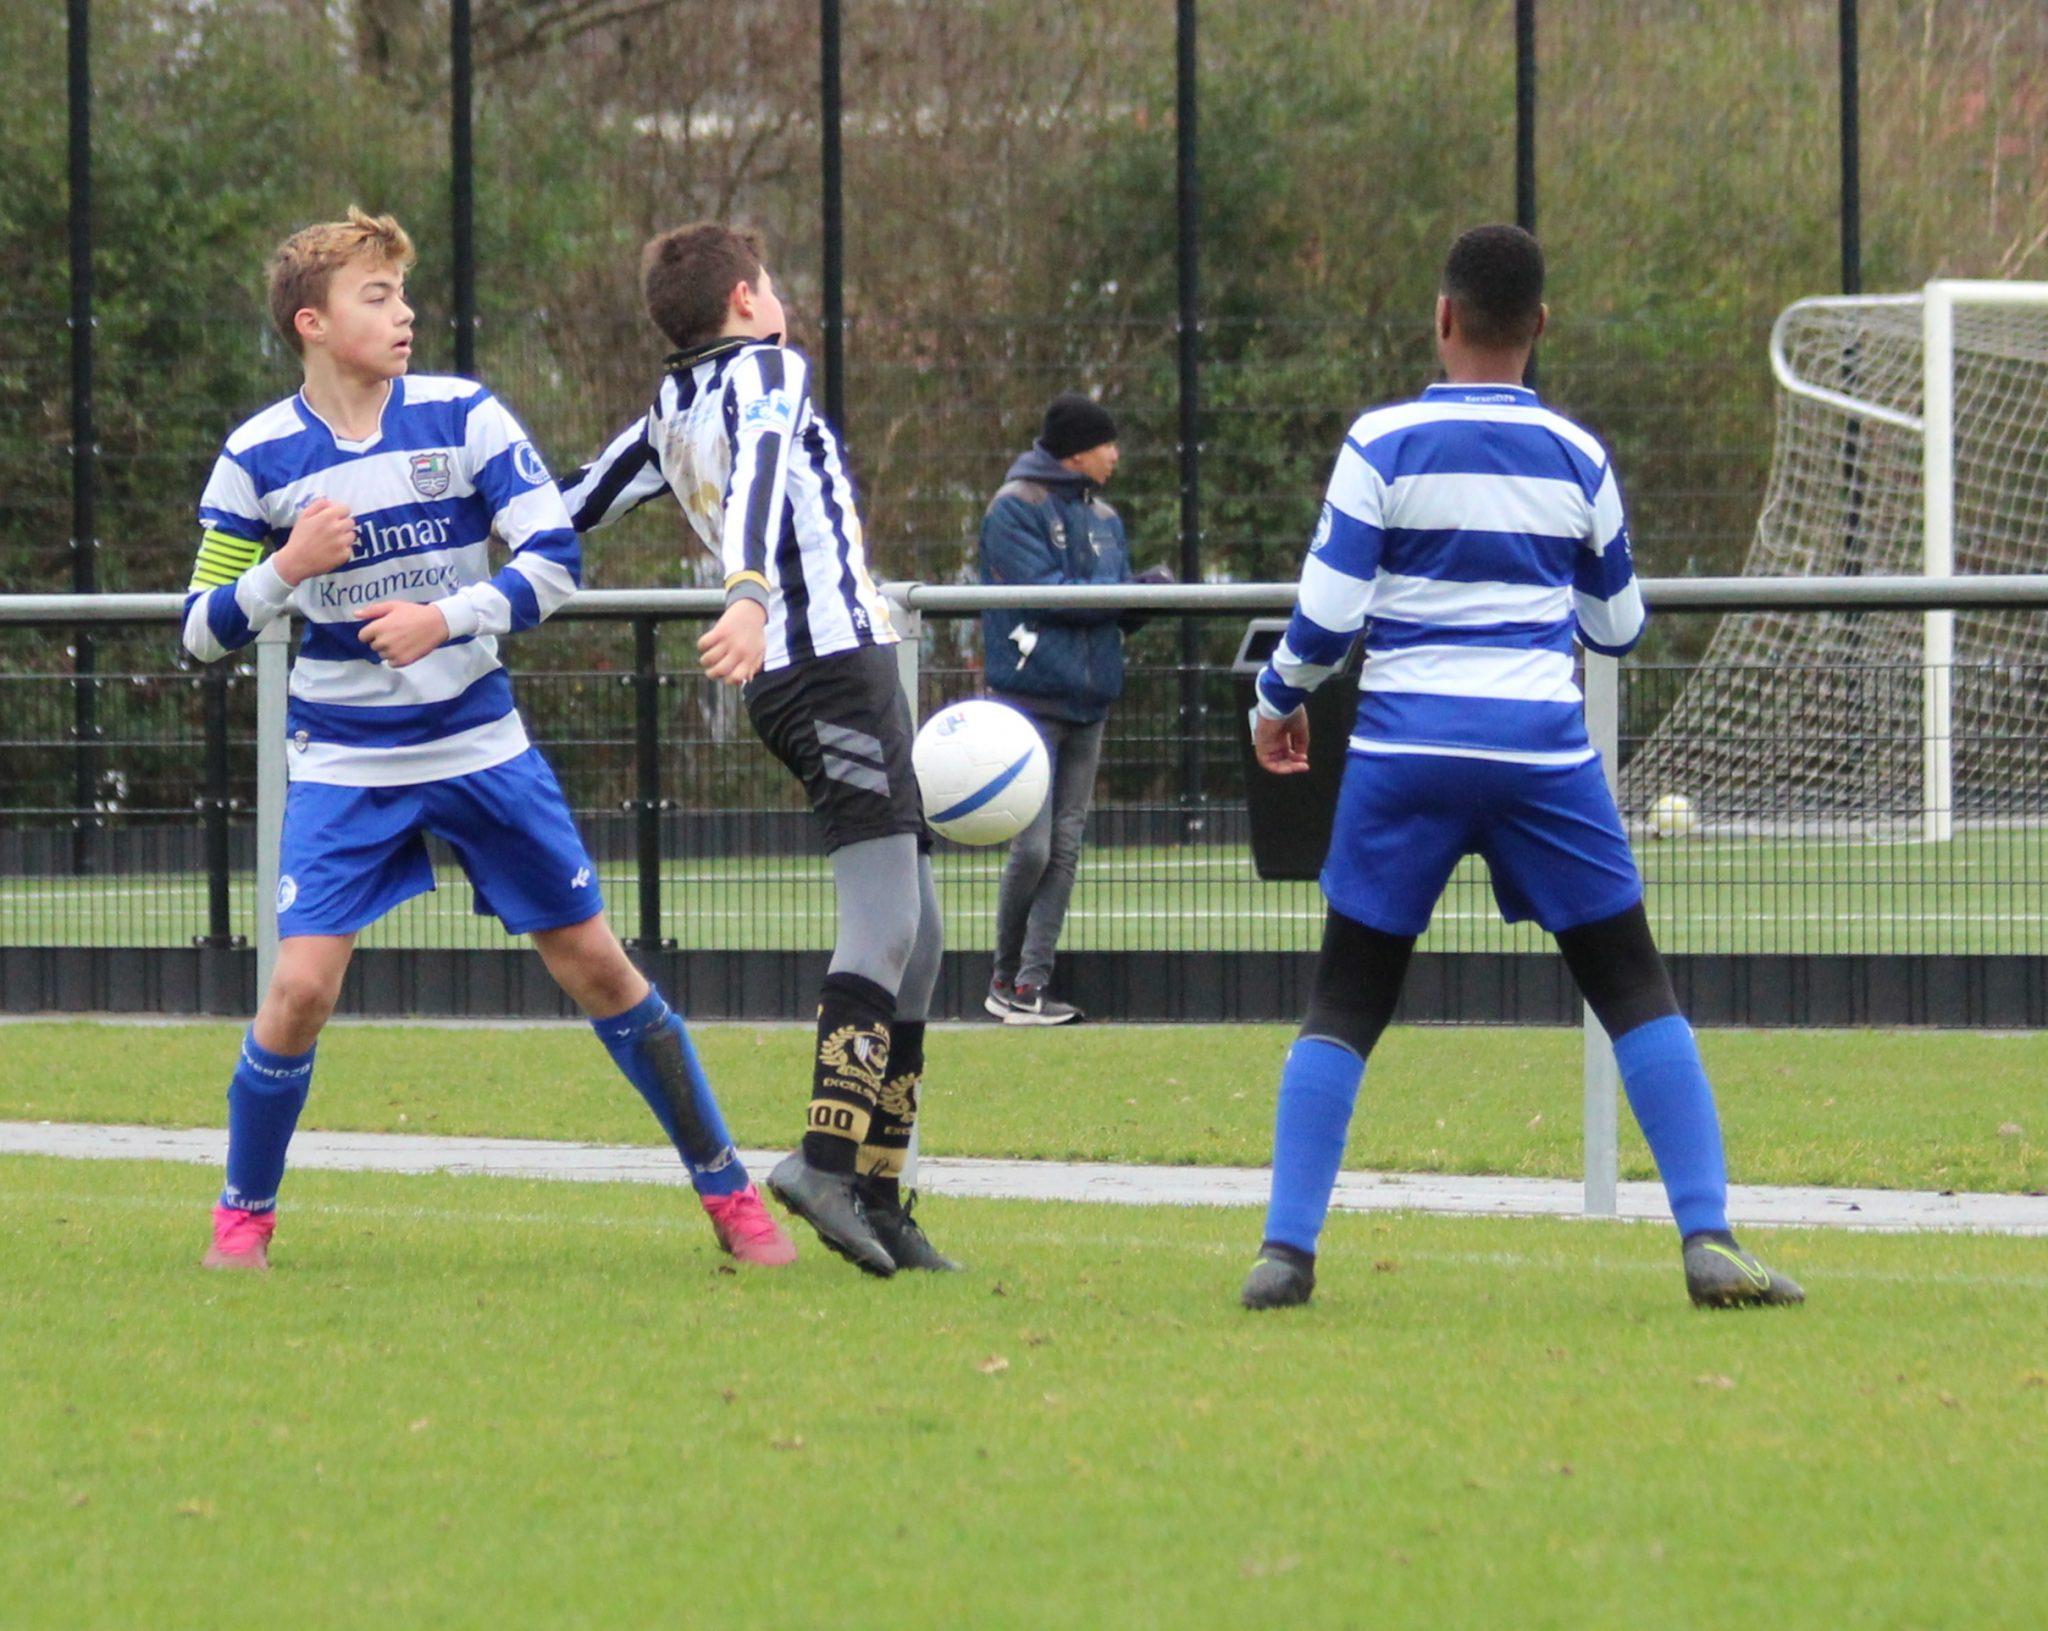 Selectie jeugdelftallen spelen zaterdag thuis bij XerxesDZB!